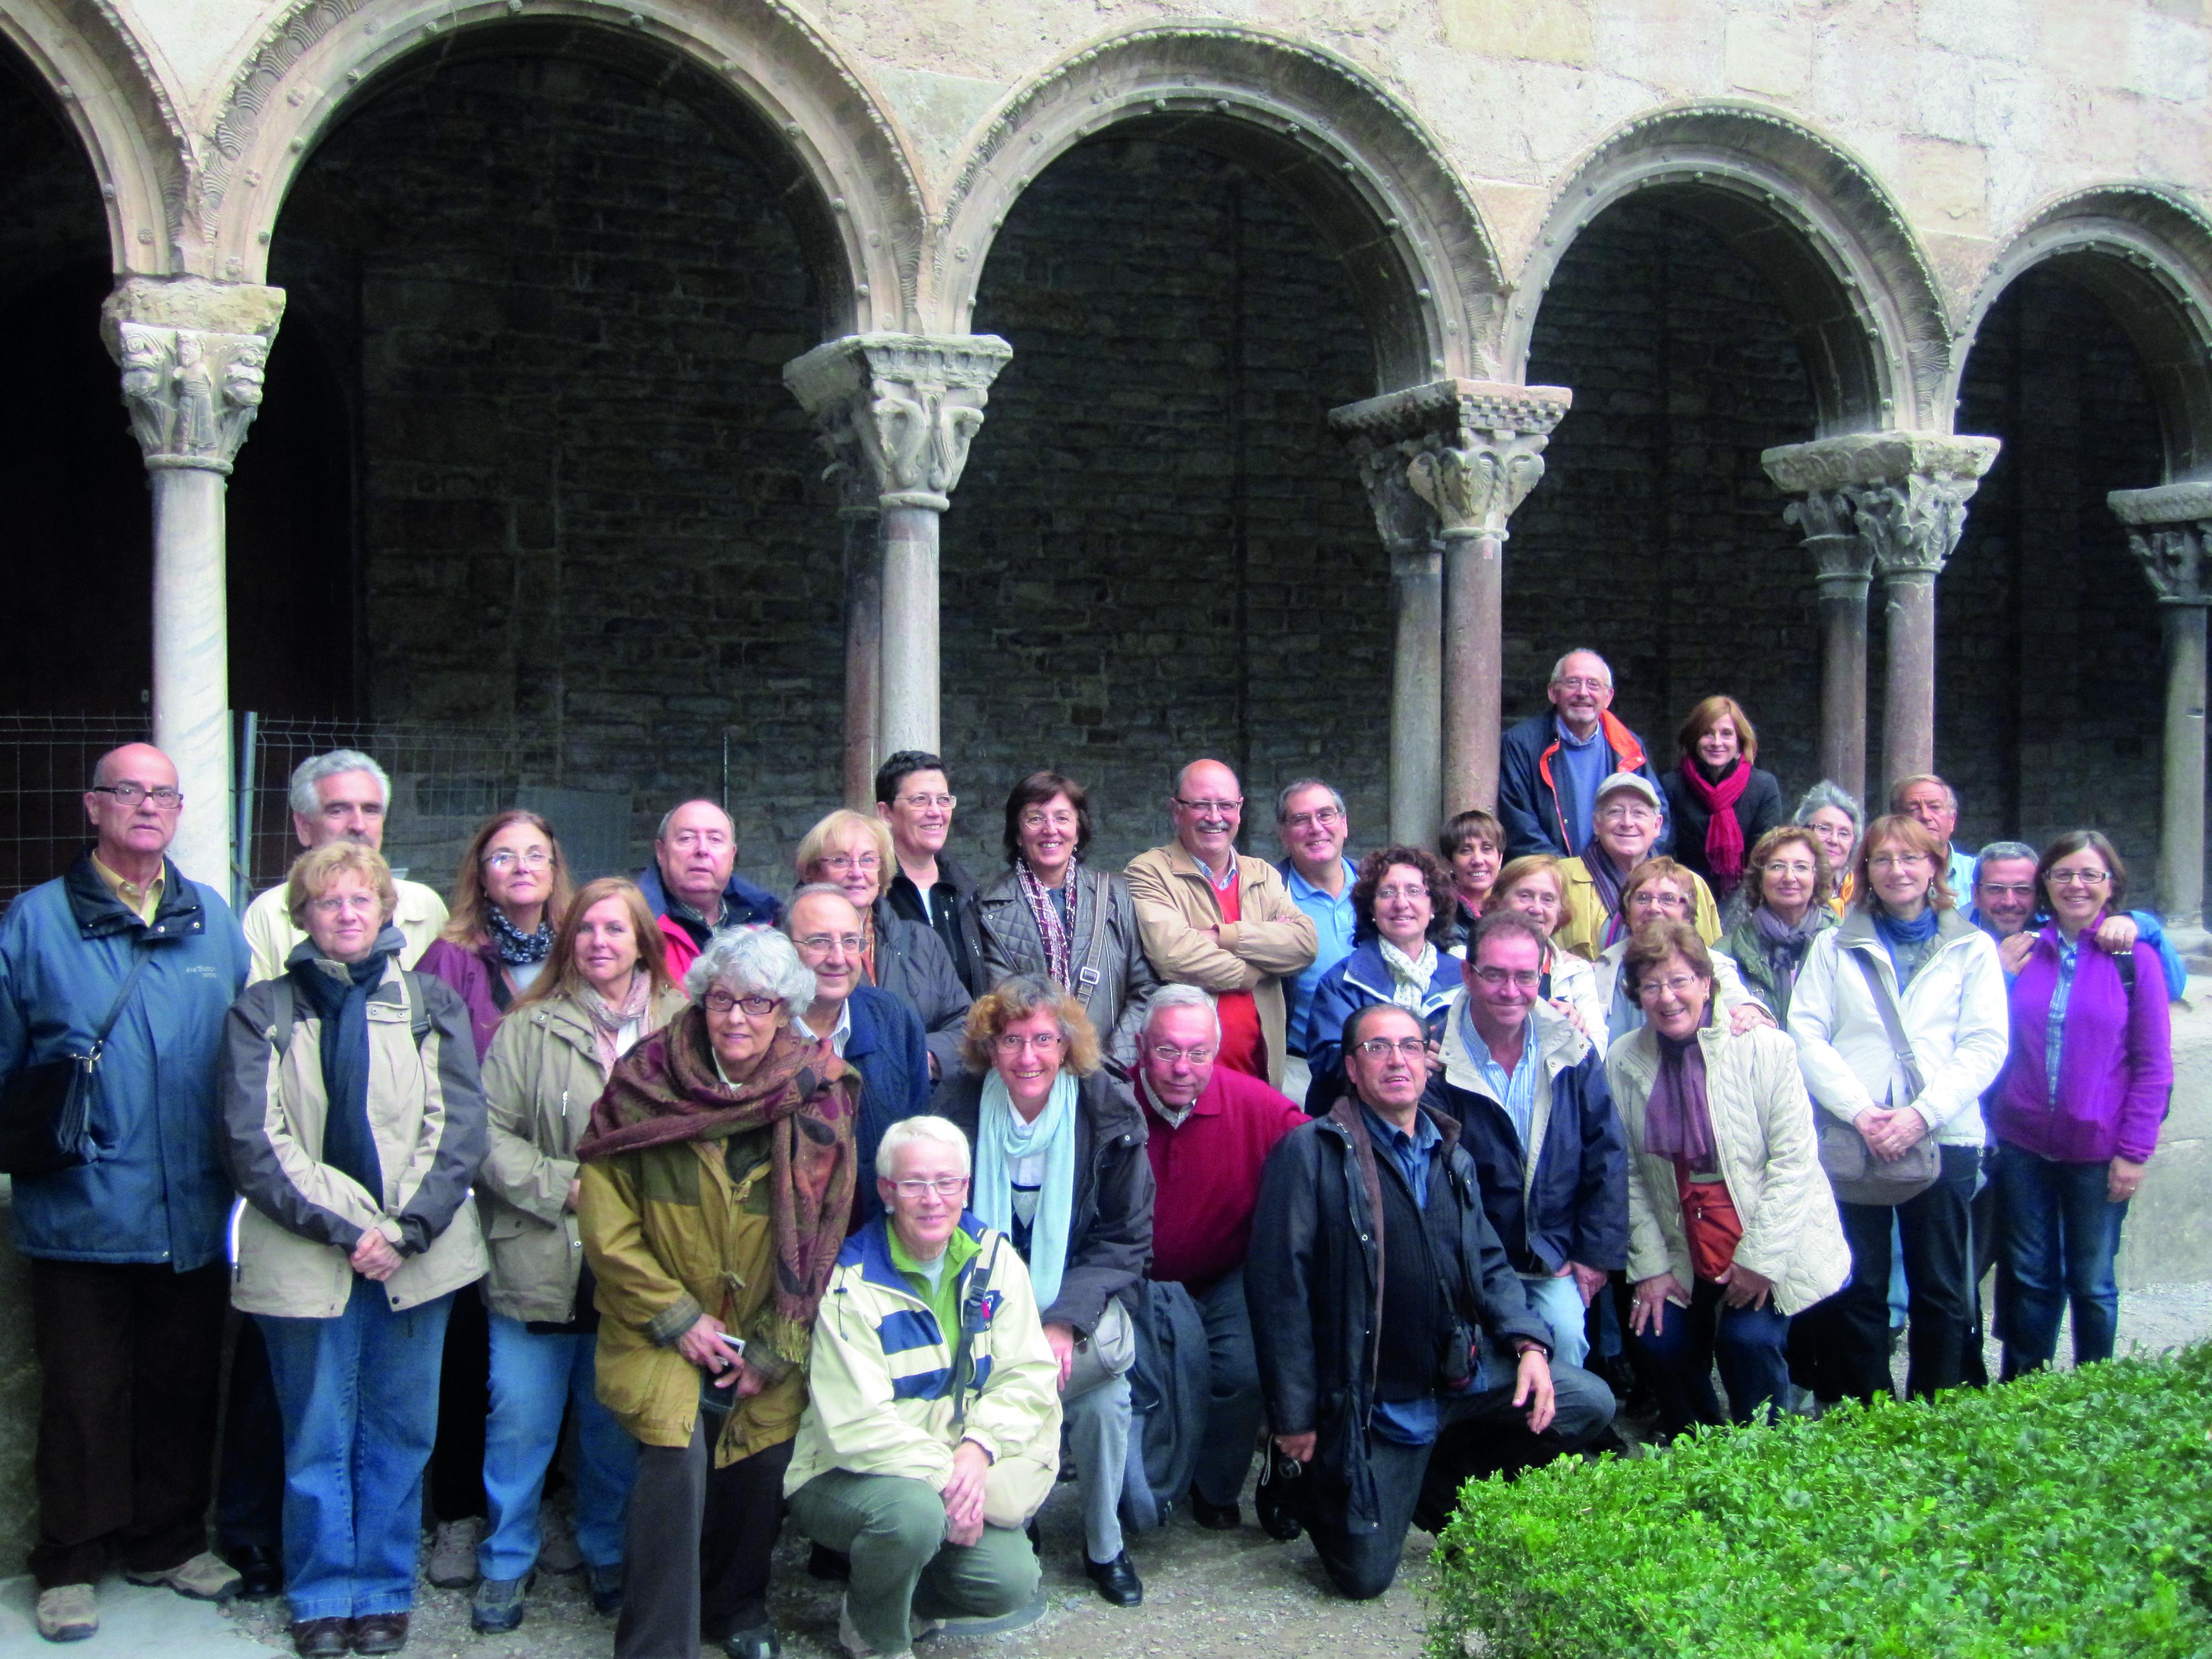 Sortida d'Òmnium Cultural Sant Cugat el 2011 a Sant Joan de les Abadesses.